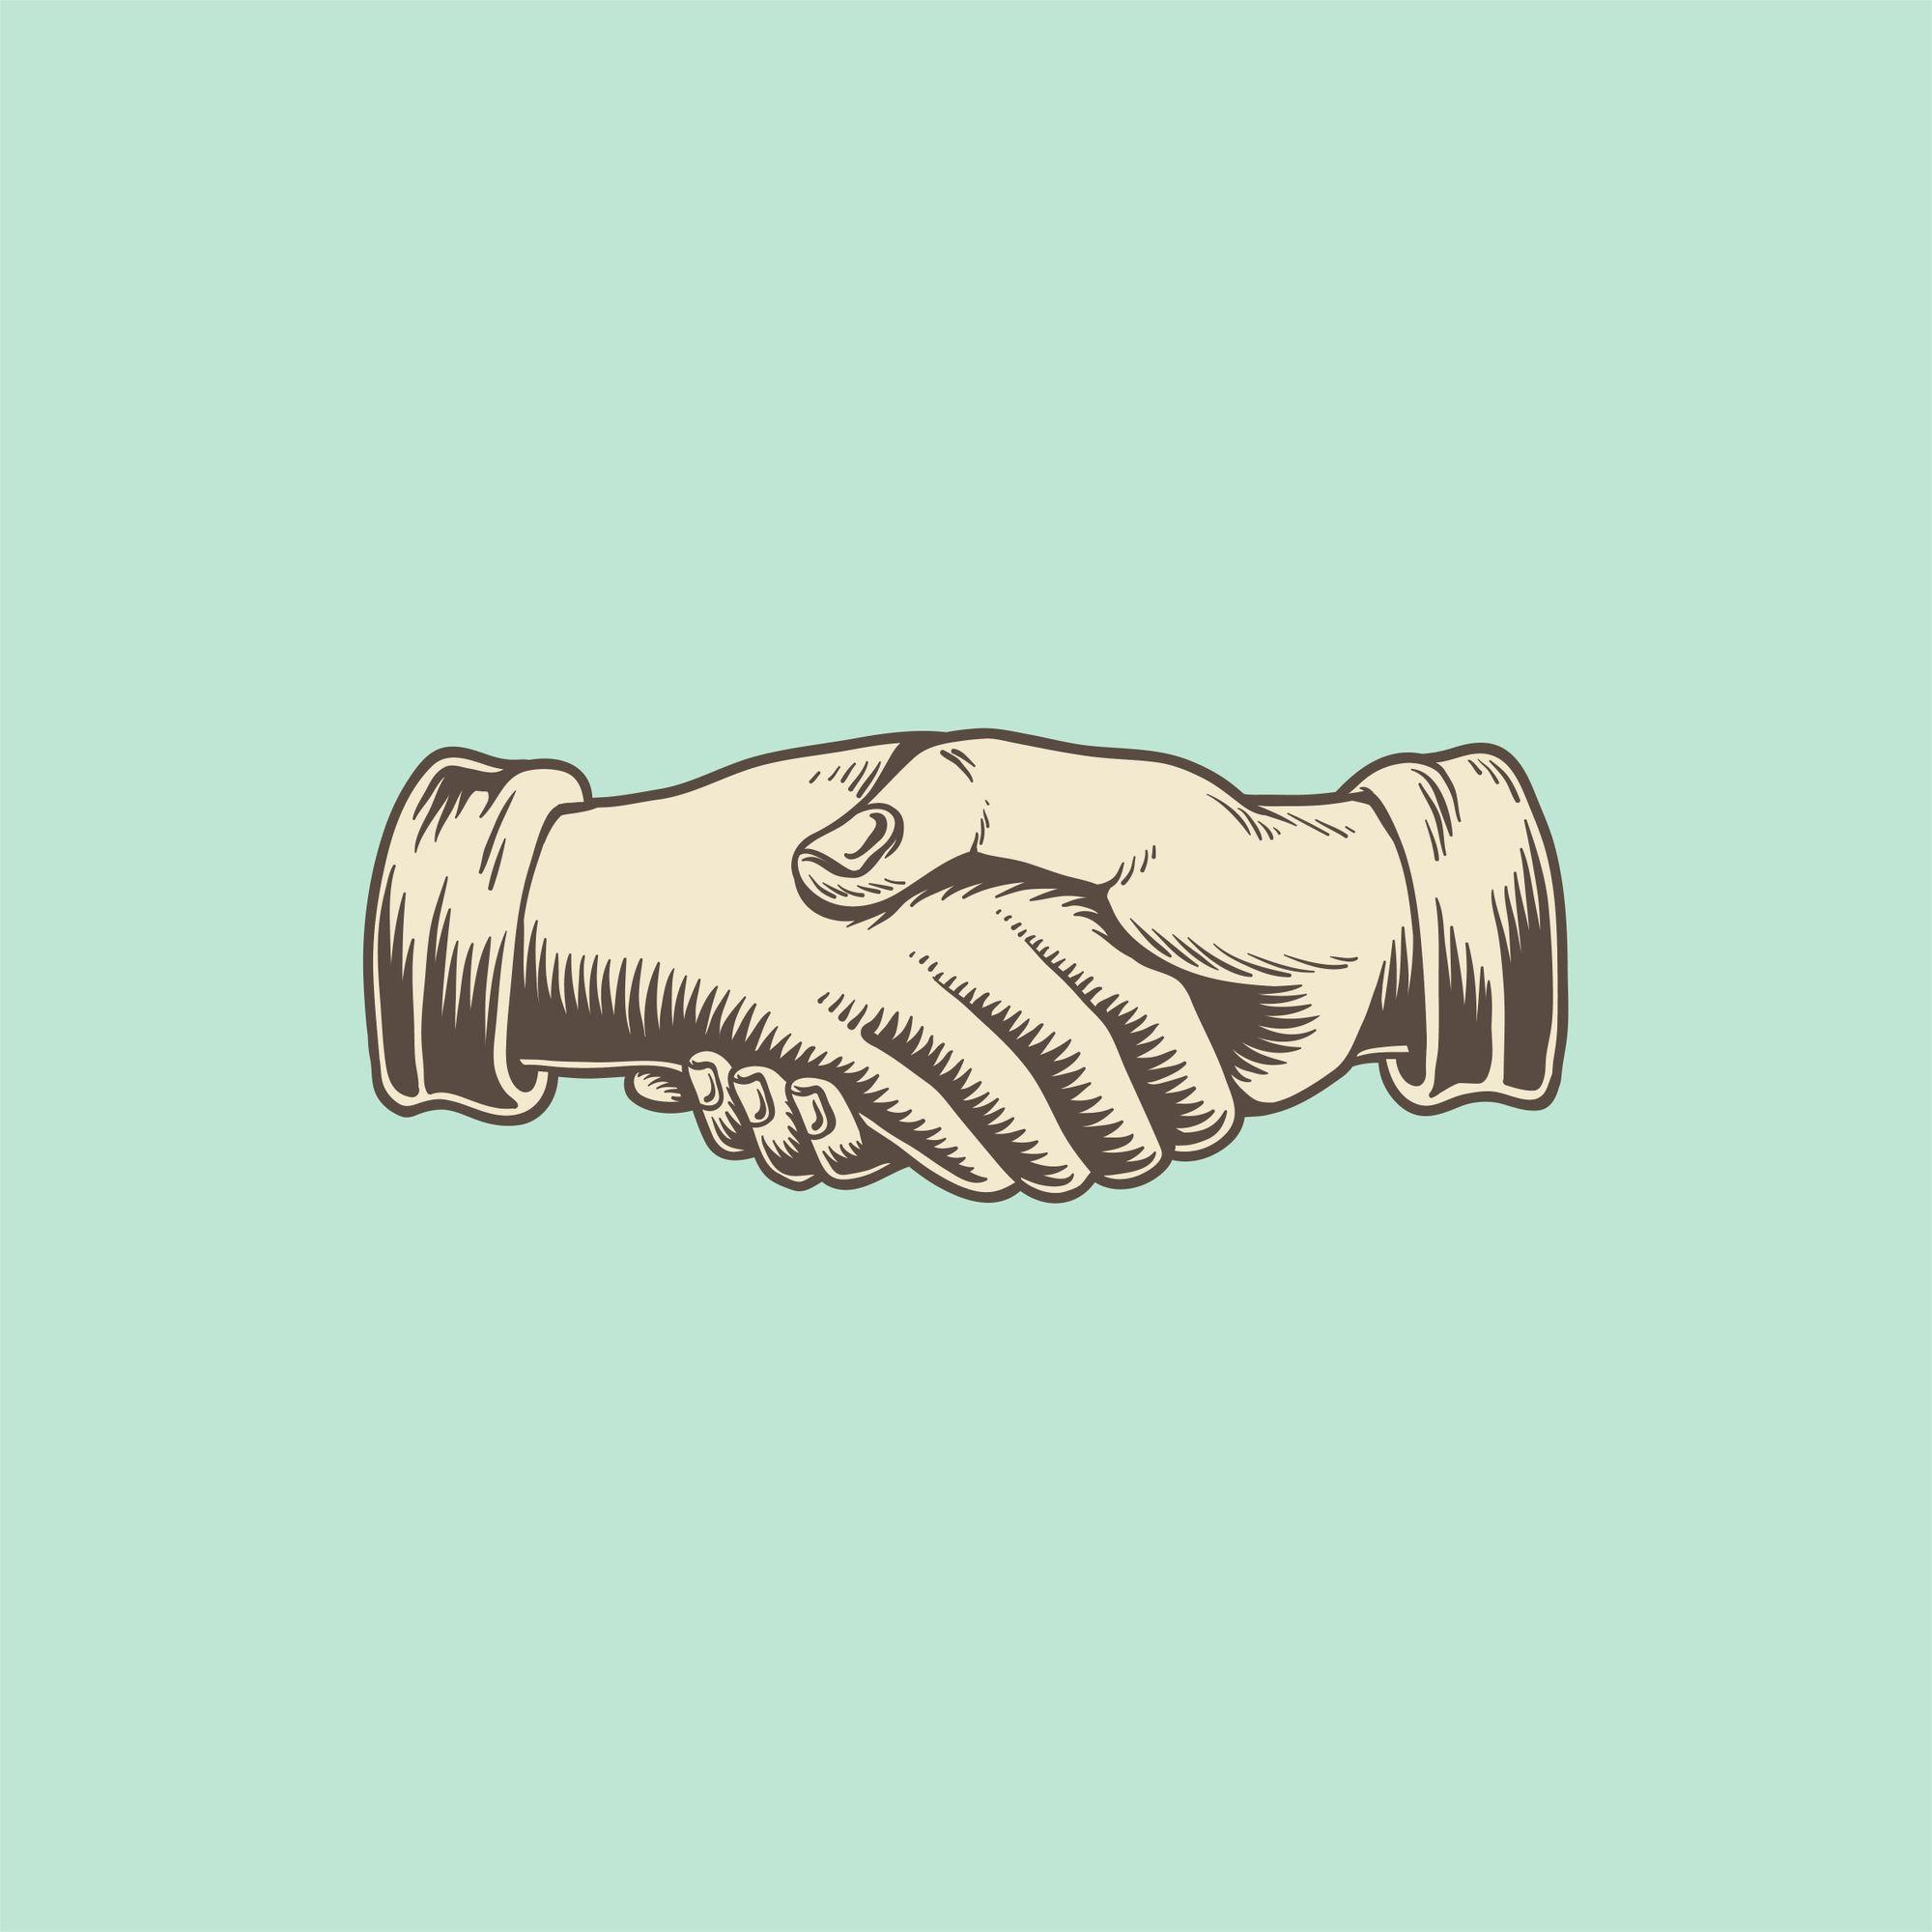 3 lưu ý cho nhà trường để tổ chức buổi họp phụ huynh thân thiện và hiệu quả